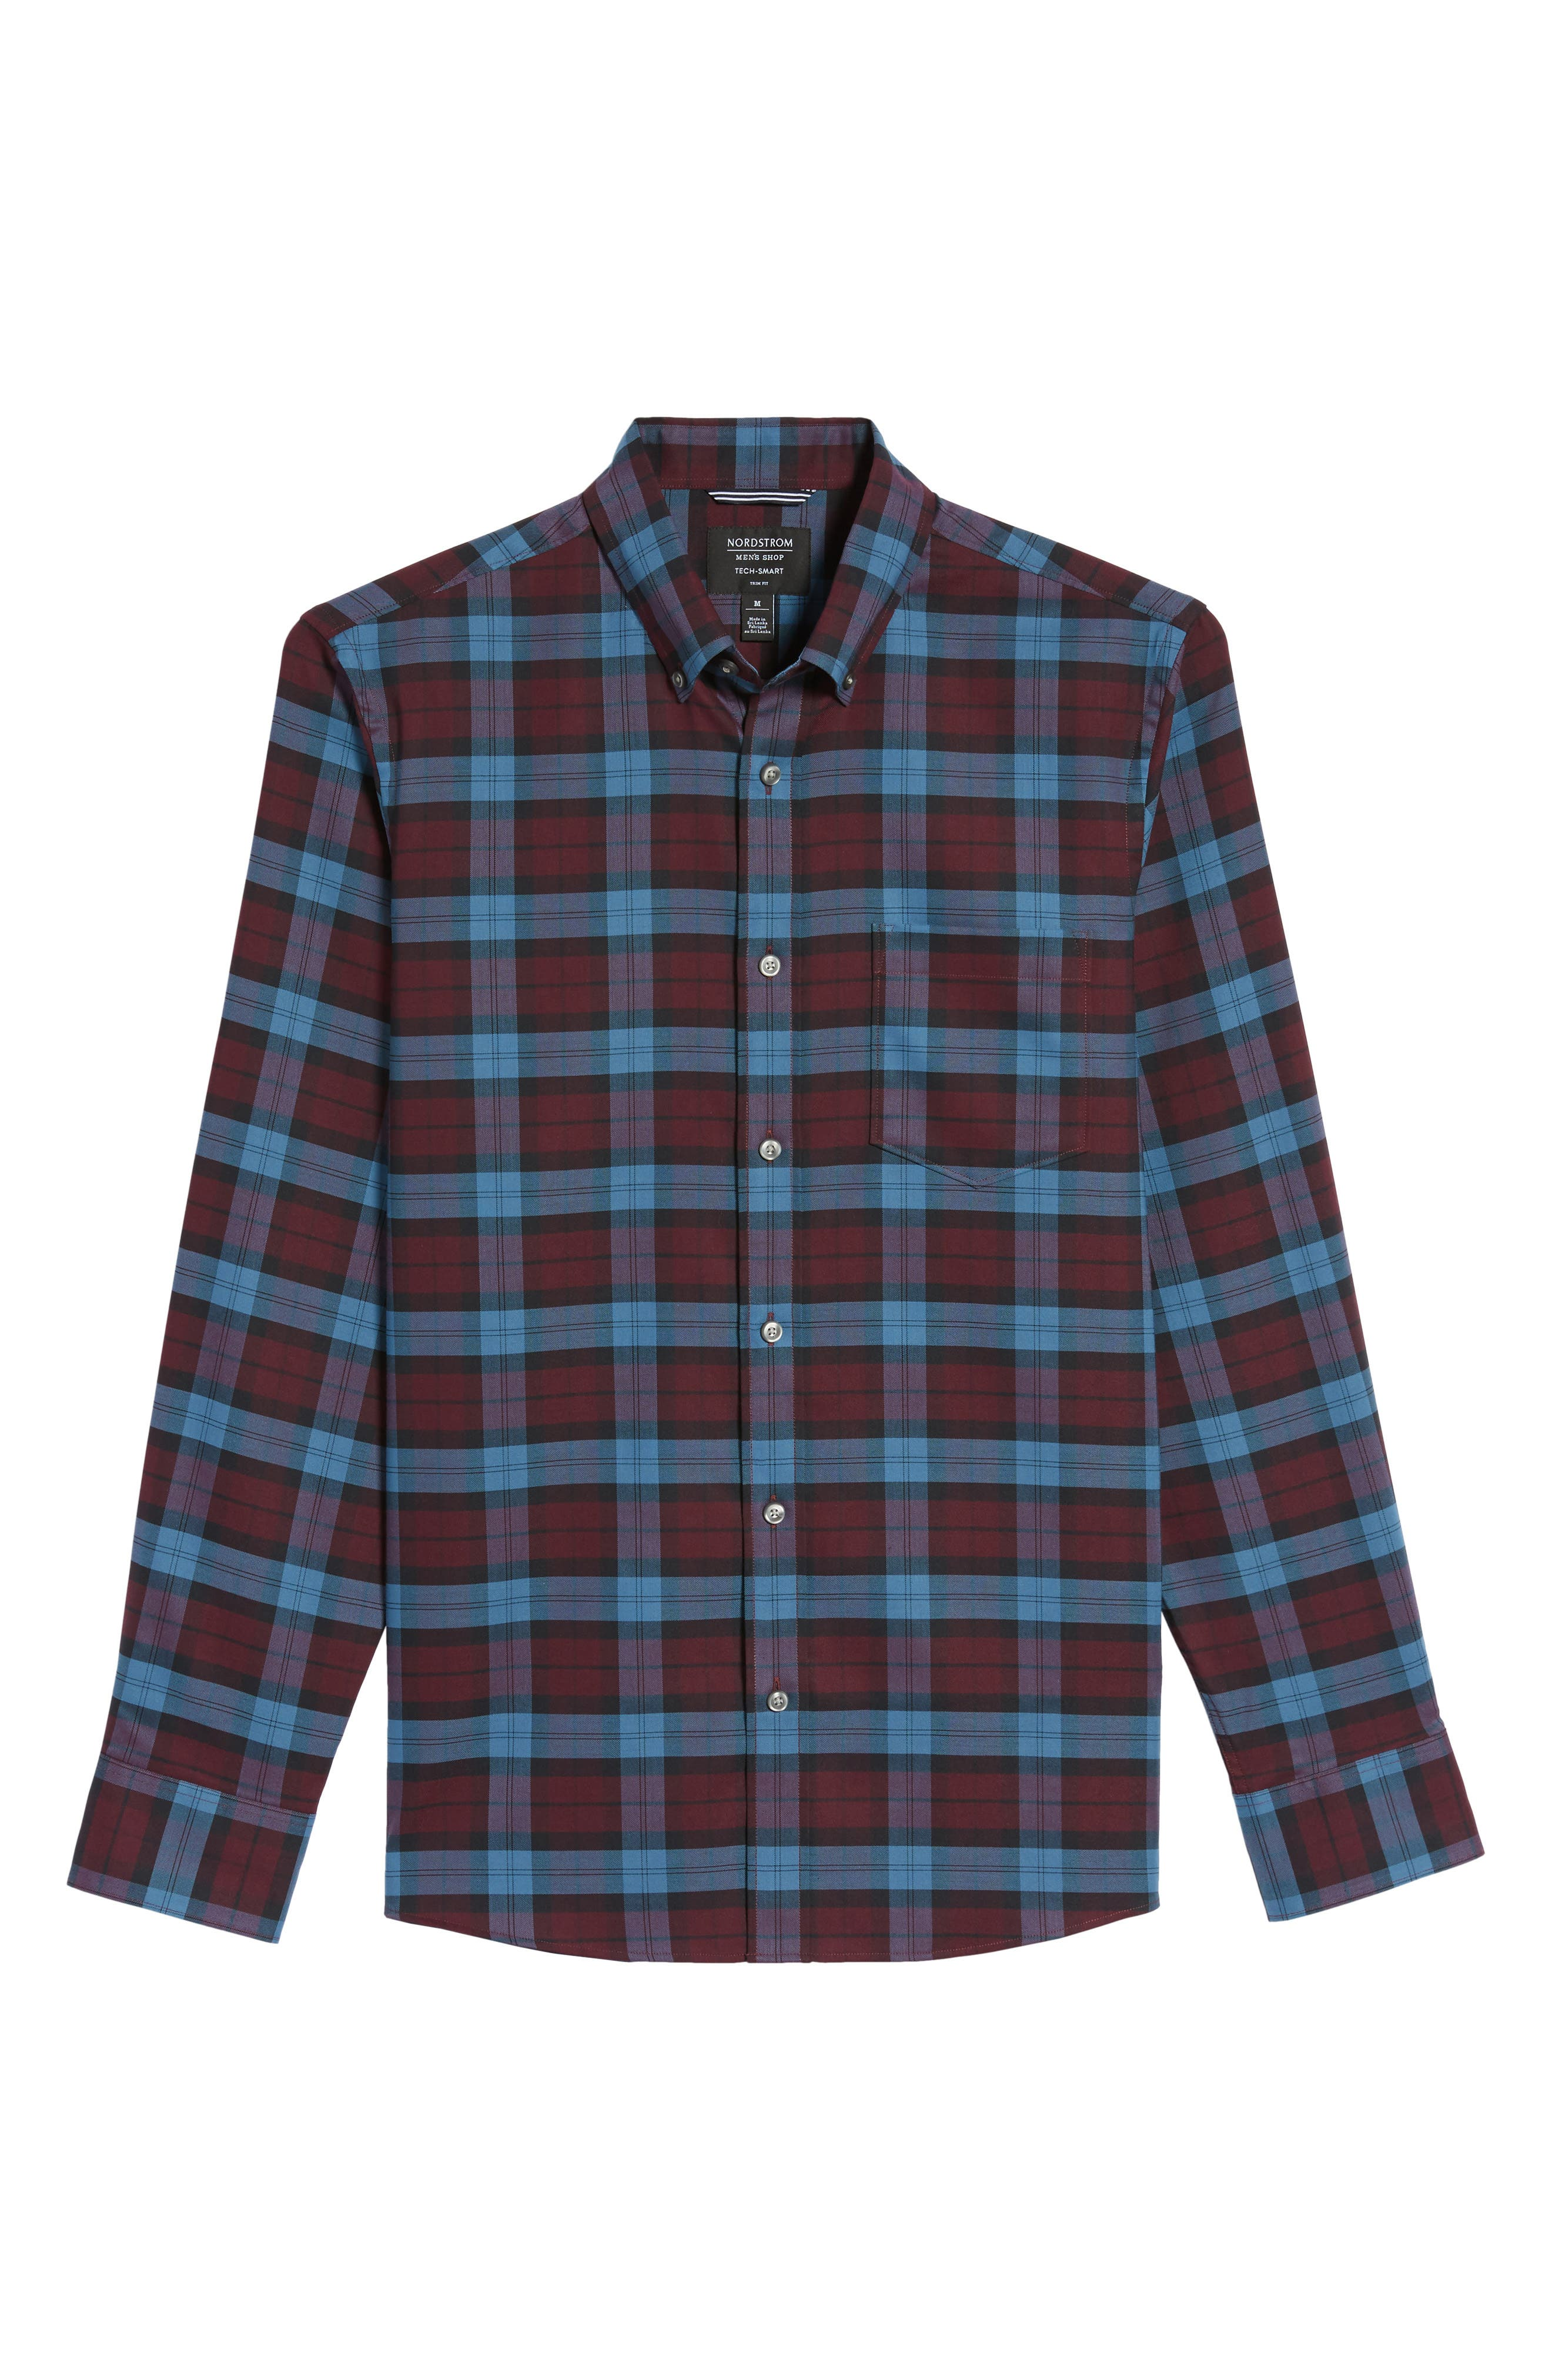 Tech-Smart Slim Fit Plaid Sport Shirt,                             Alternate thumbnail 6, color,                             638